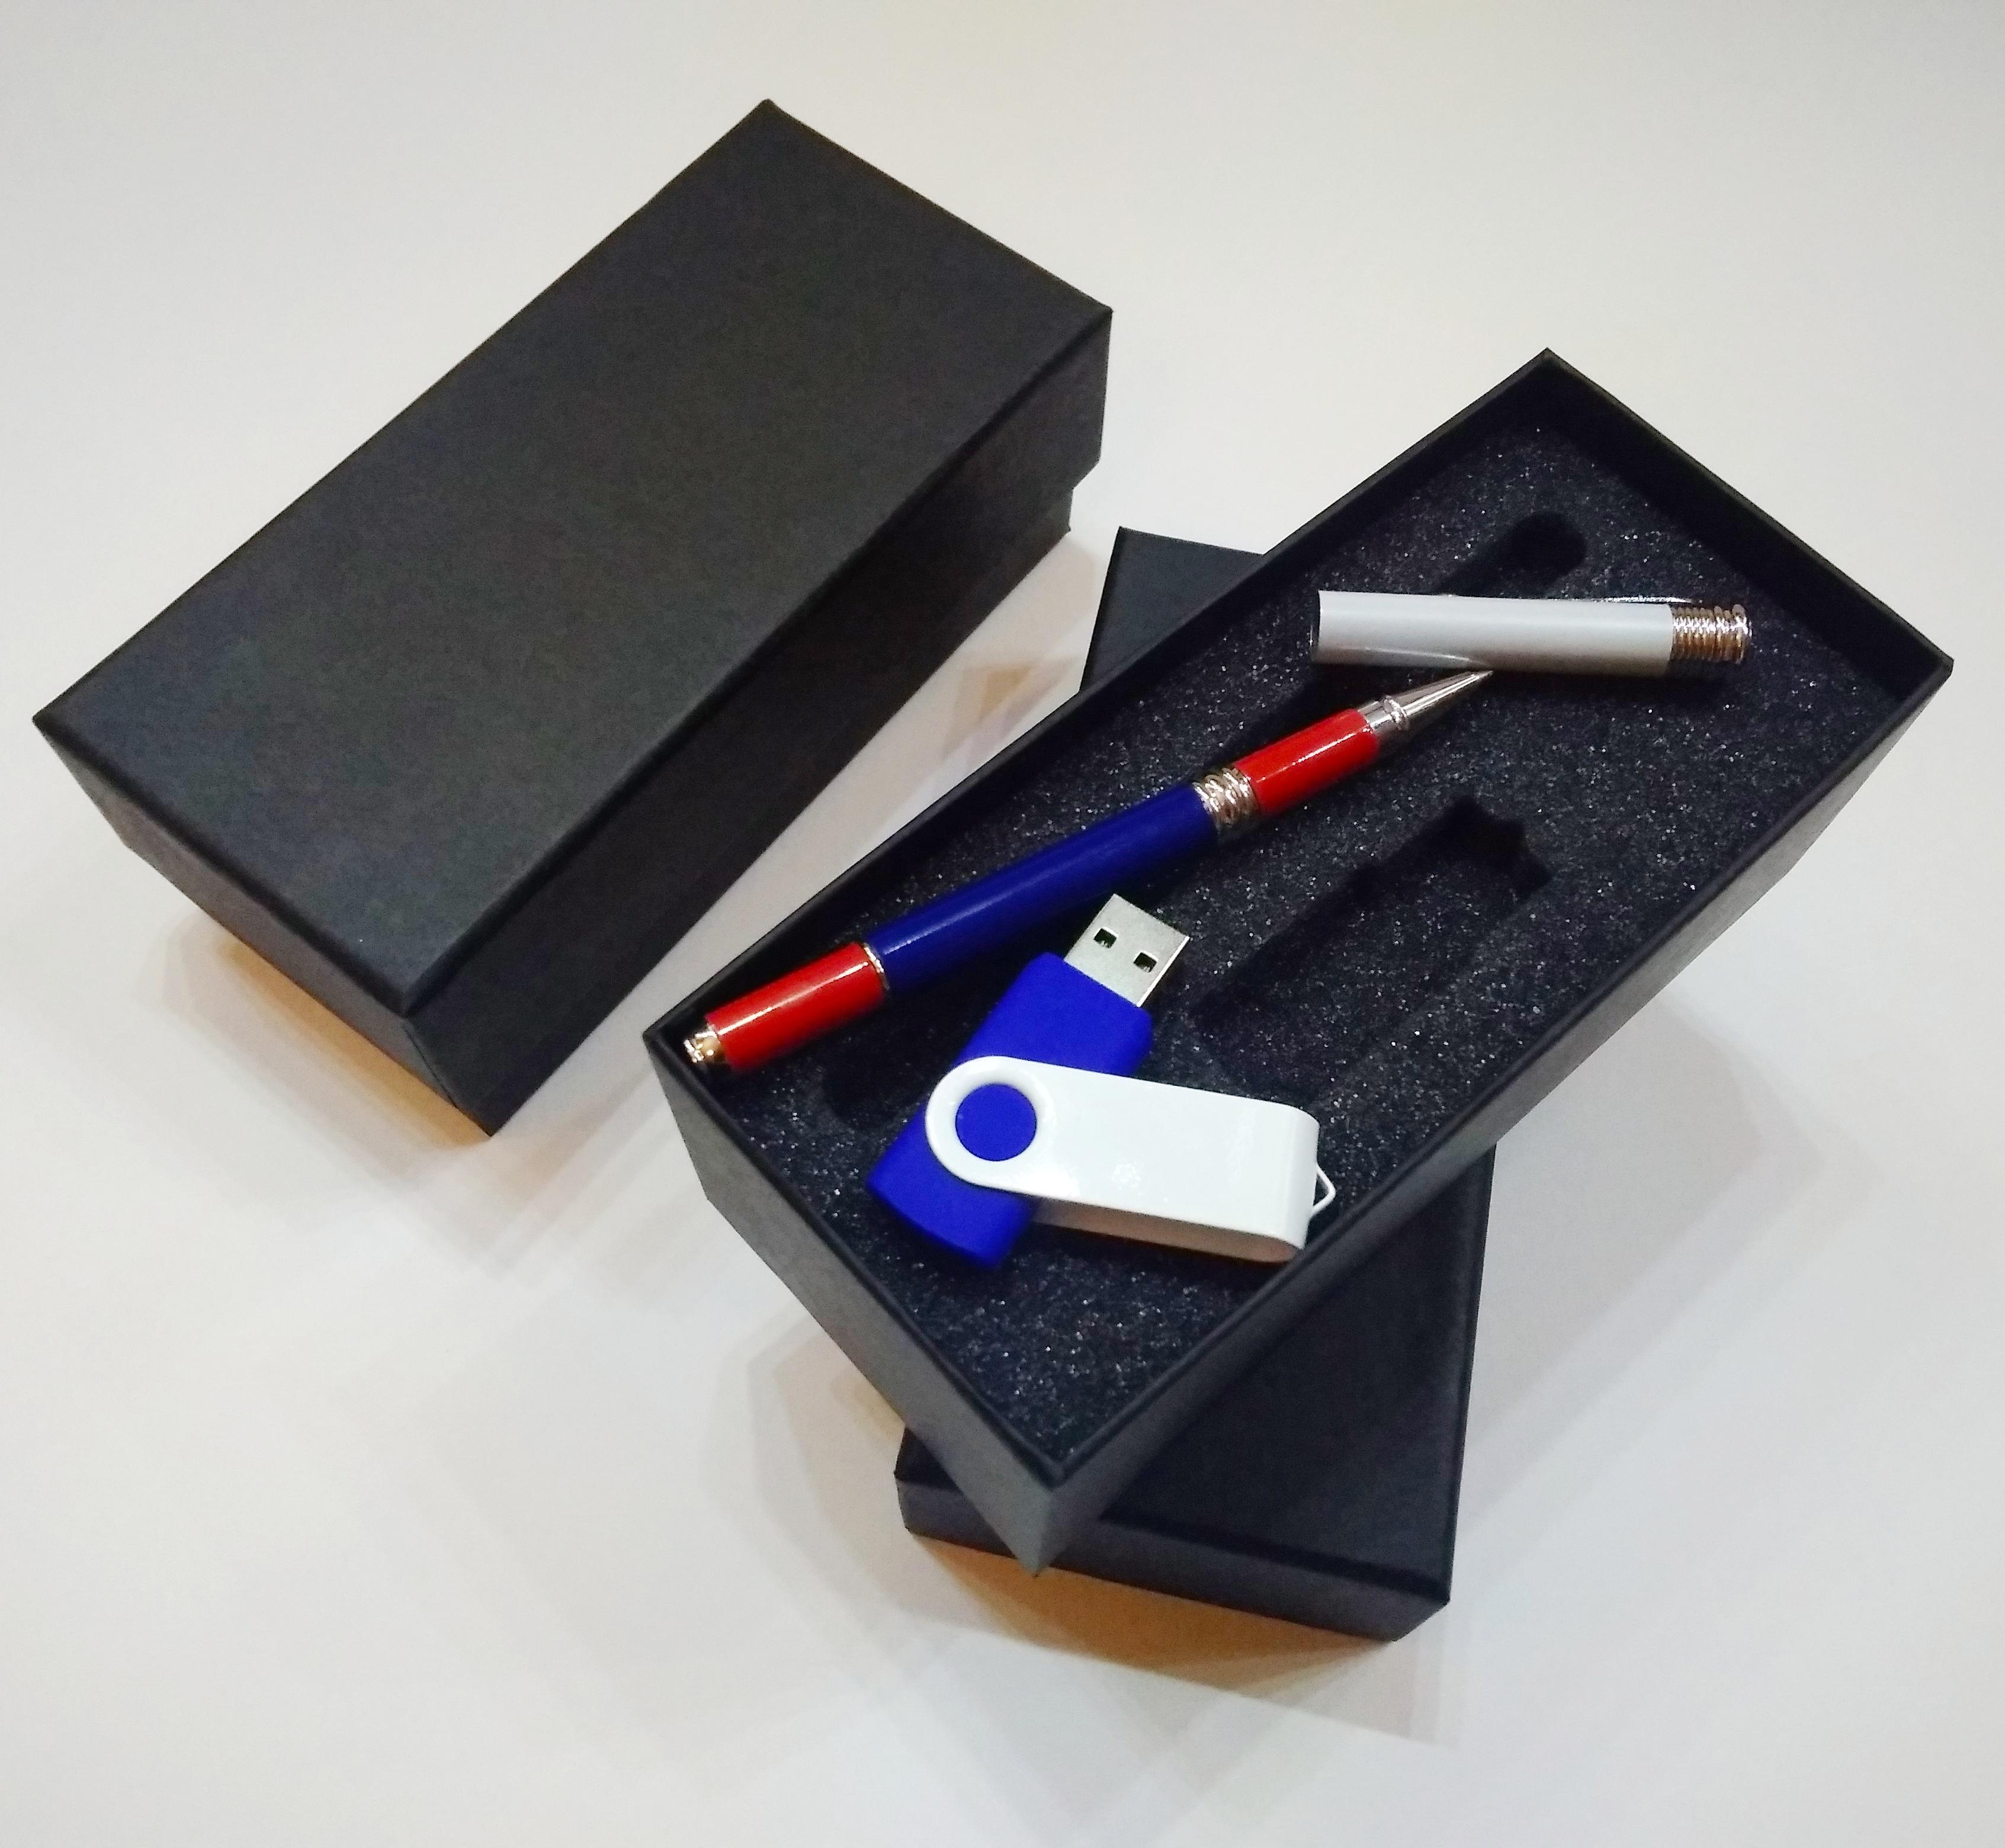 изготовление сувенирной продукции